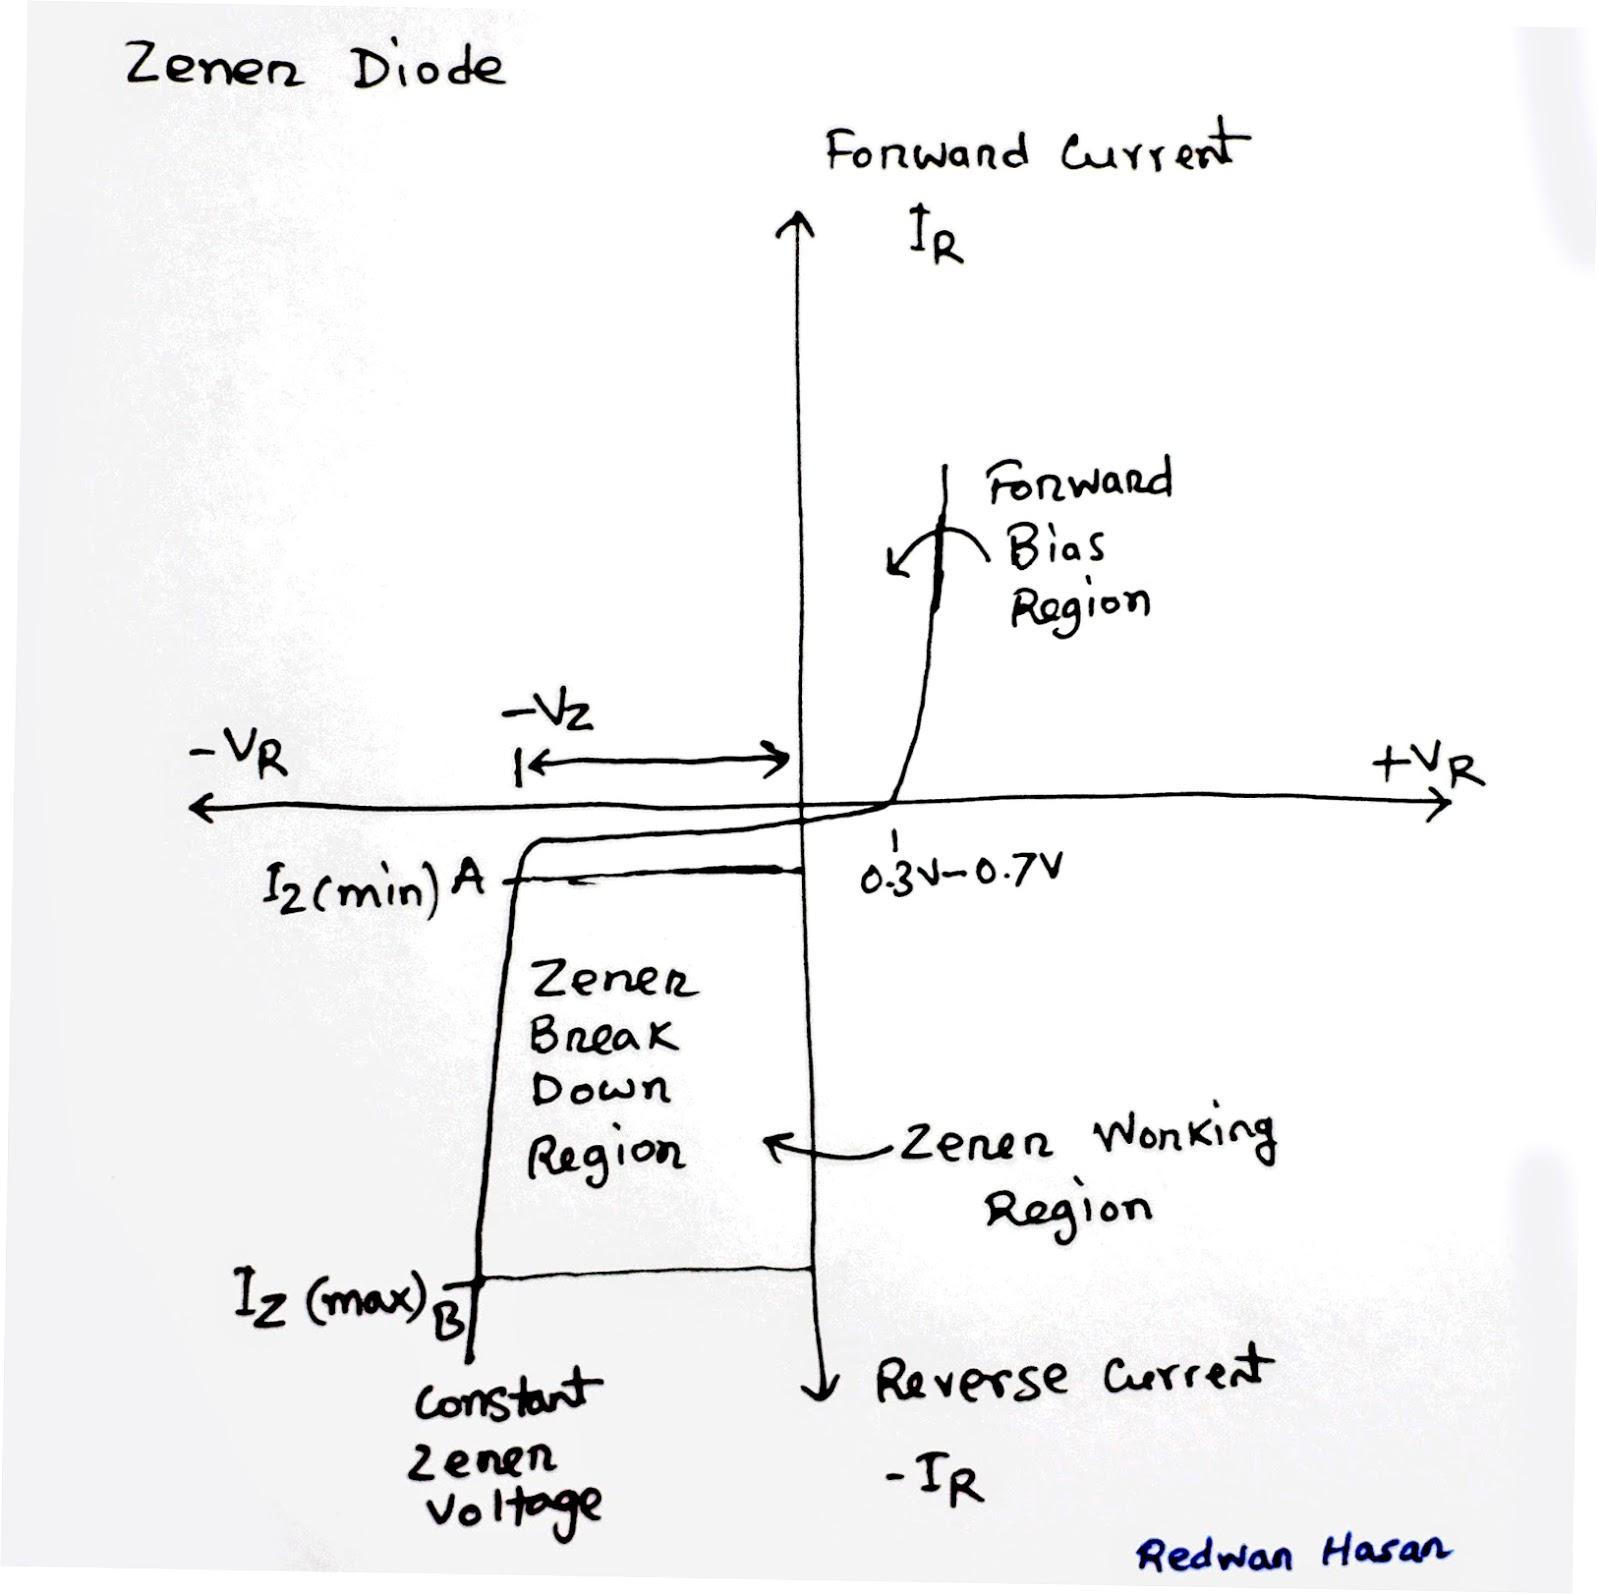 Scavenger's Blog: Zener Diode And Linear Voltage Regulation